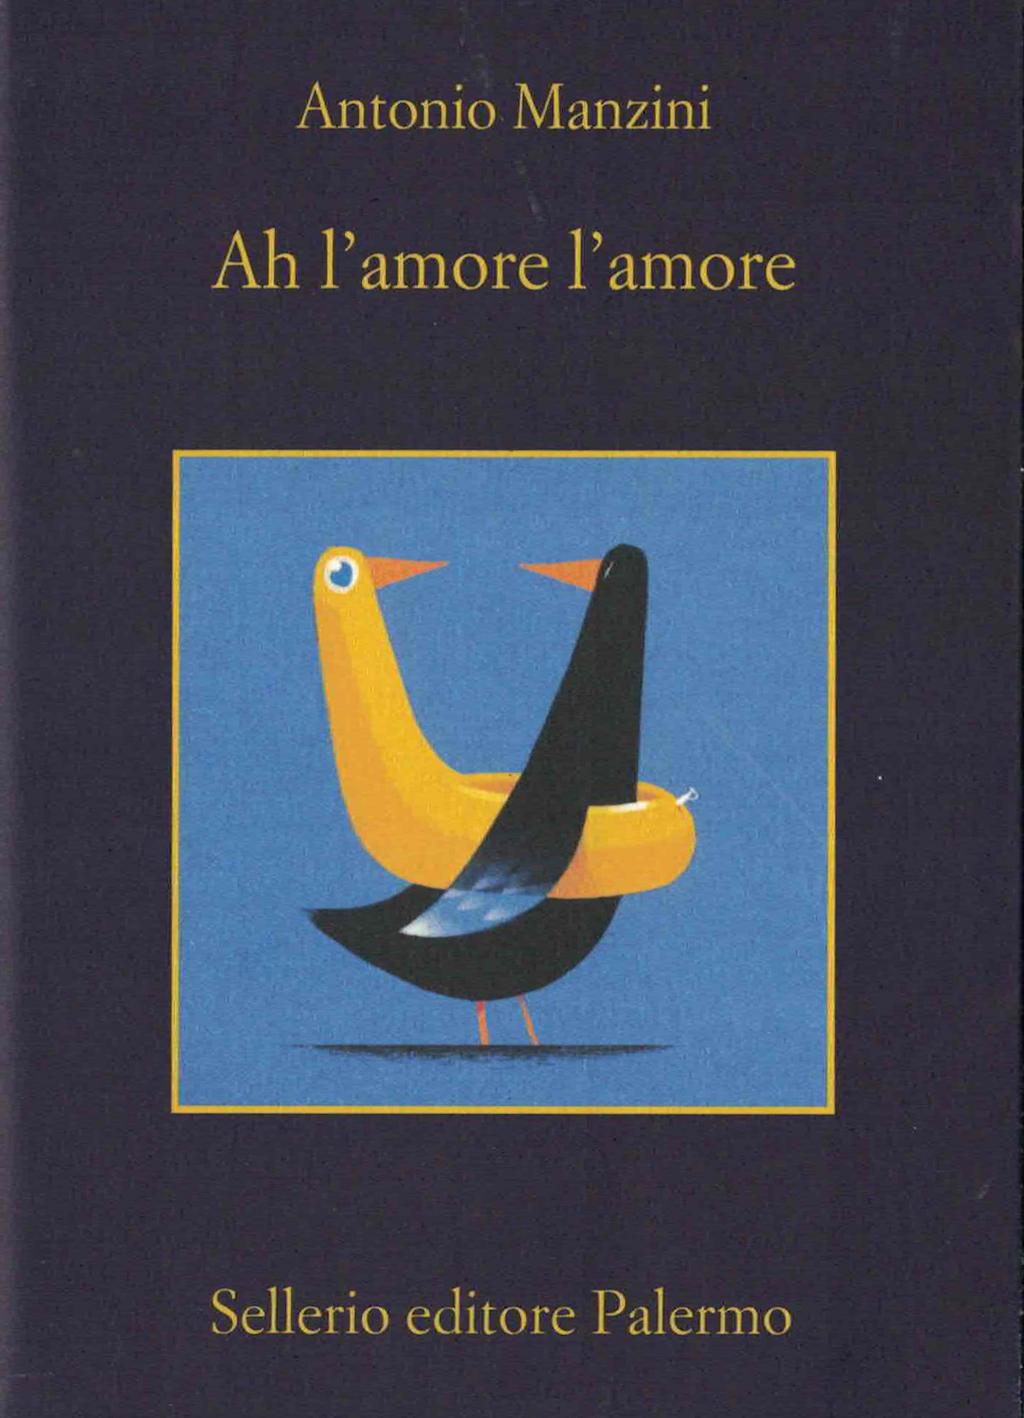 Ah l'amore l'amore – Antonio Mazzini